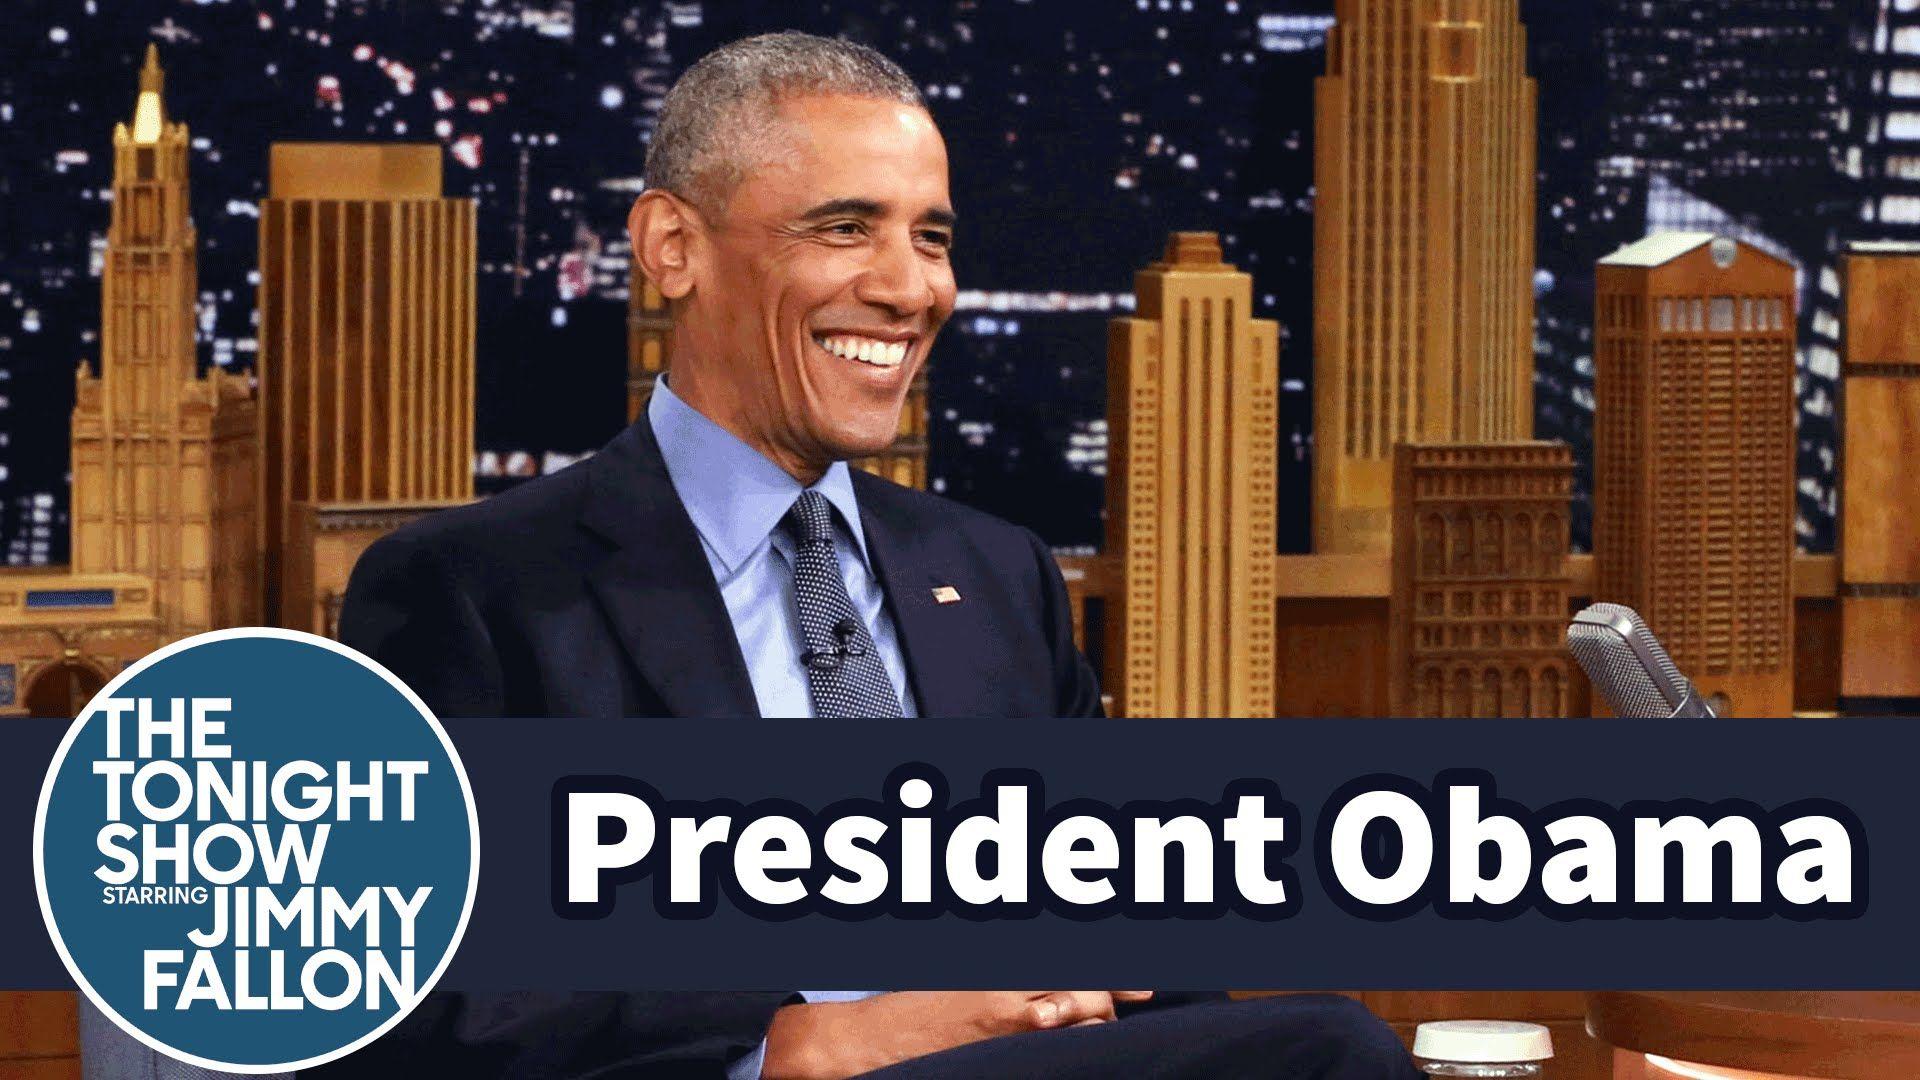 President Obama on Daughters Sasha and Malia's White House Upbringing